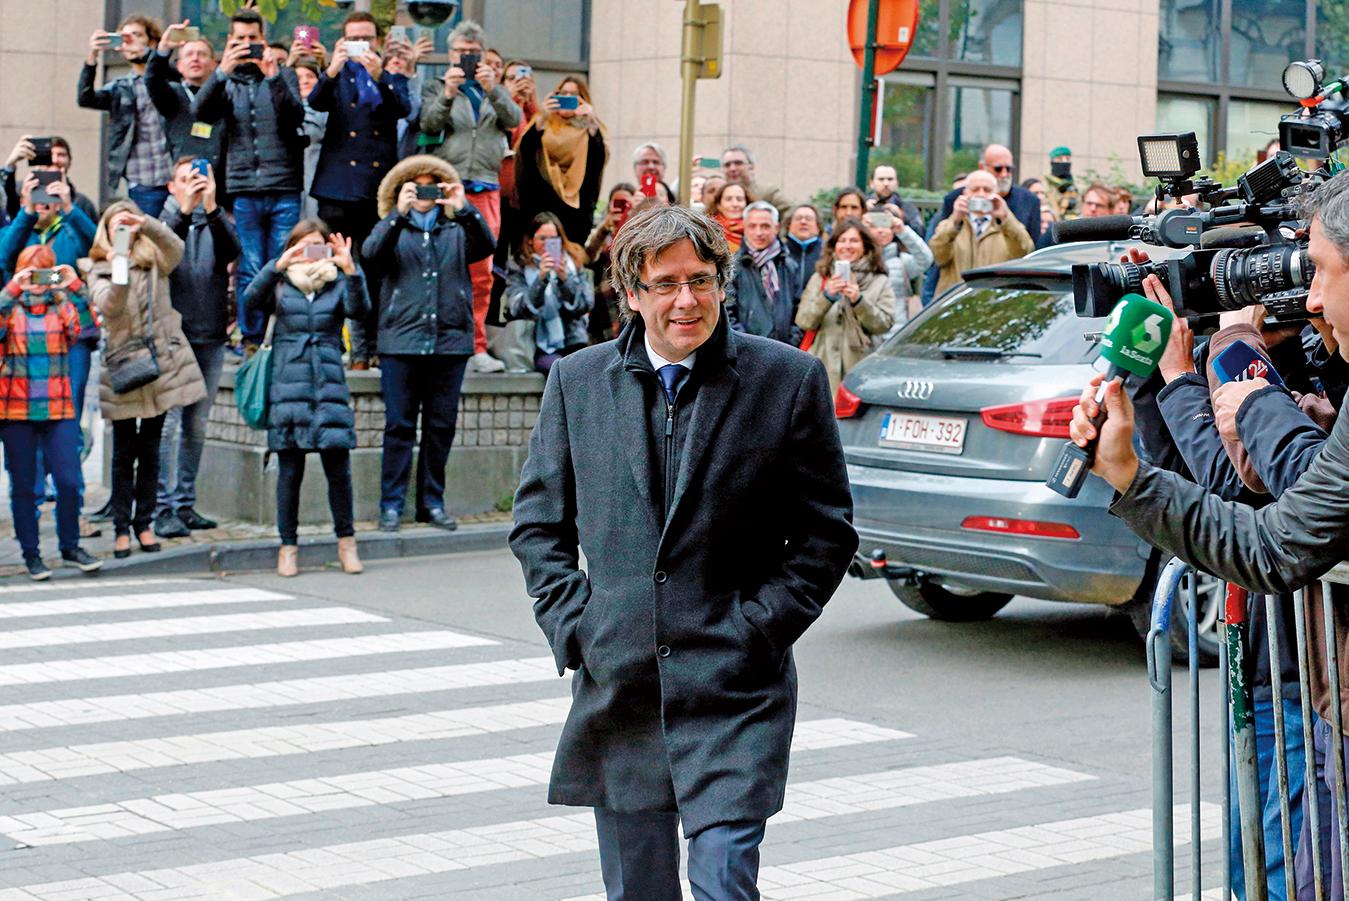 大量記者在比利時等待普伊格蒙特的新聞發佈會。他表示暫住比利時,但不尋求庇護。(AFP)